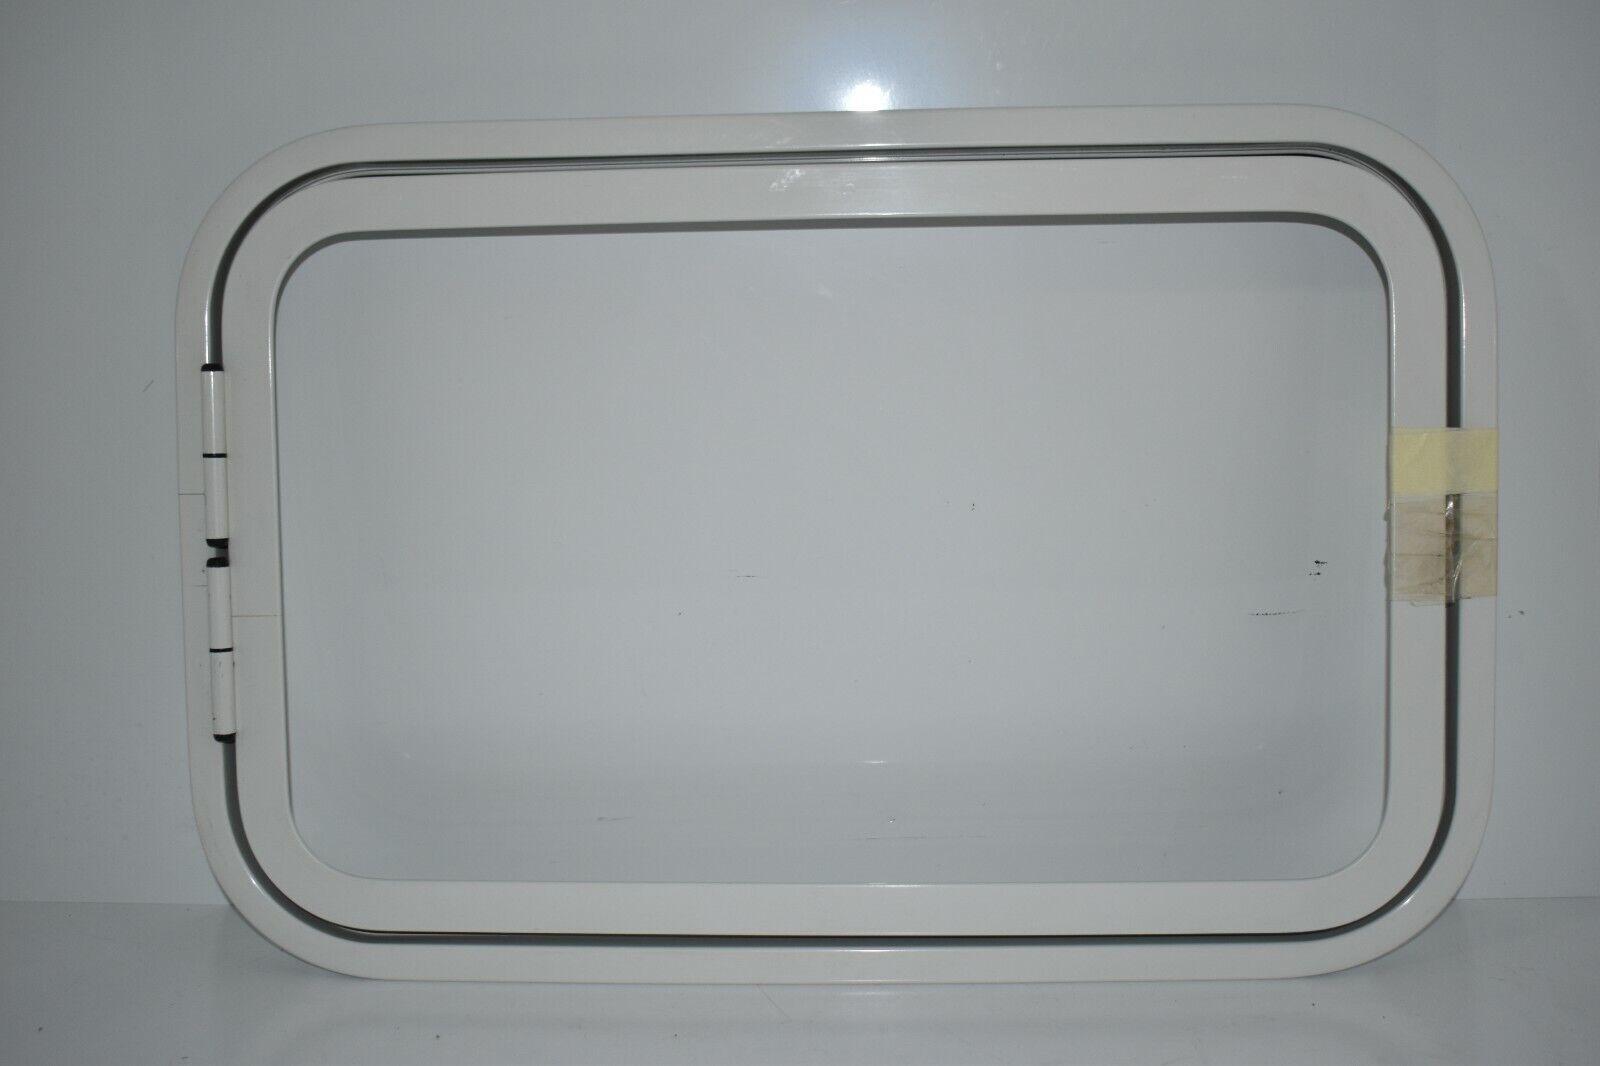 Klappenrahmen Serviceklappe 400 x 620 mm weiß gebogen